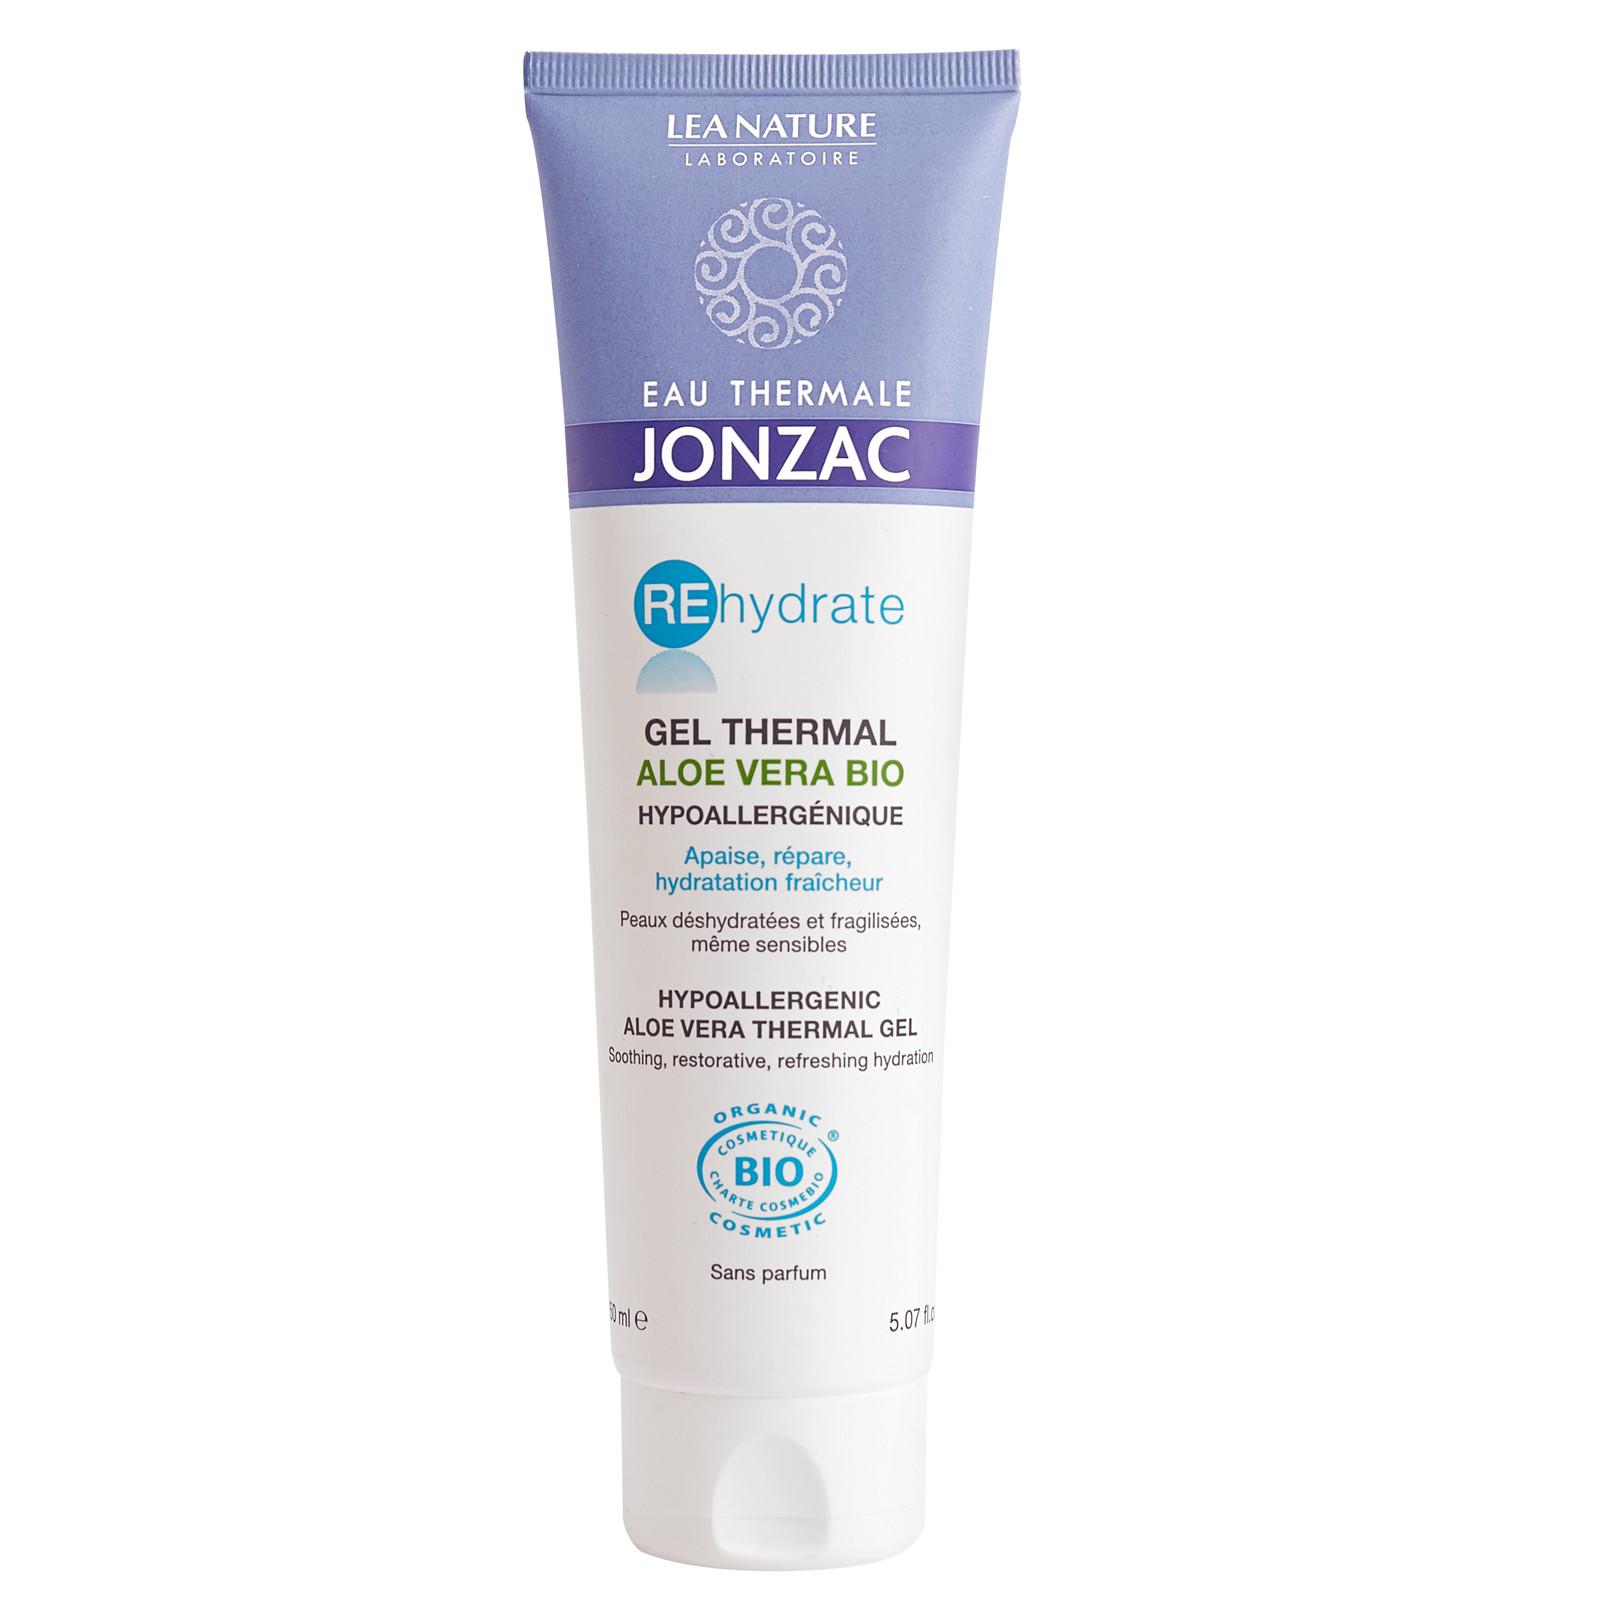 Gel lô hội cấp nước dưỡng ẩm, kháng viêm Eau Thermale Jonzac Hypoallergenic Aloe Vera Thermal Gel 150ml